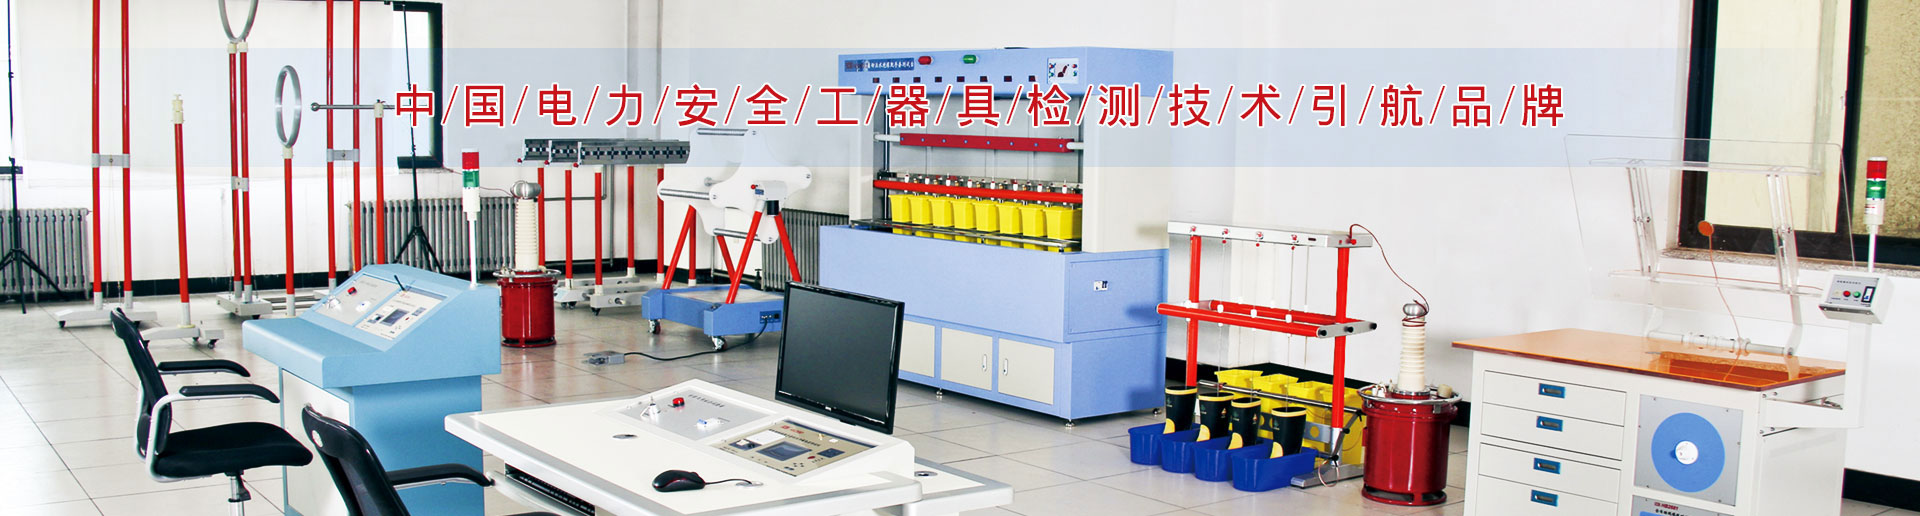 电力安全工器具检测